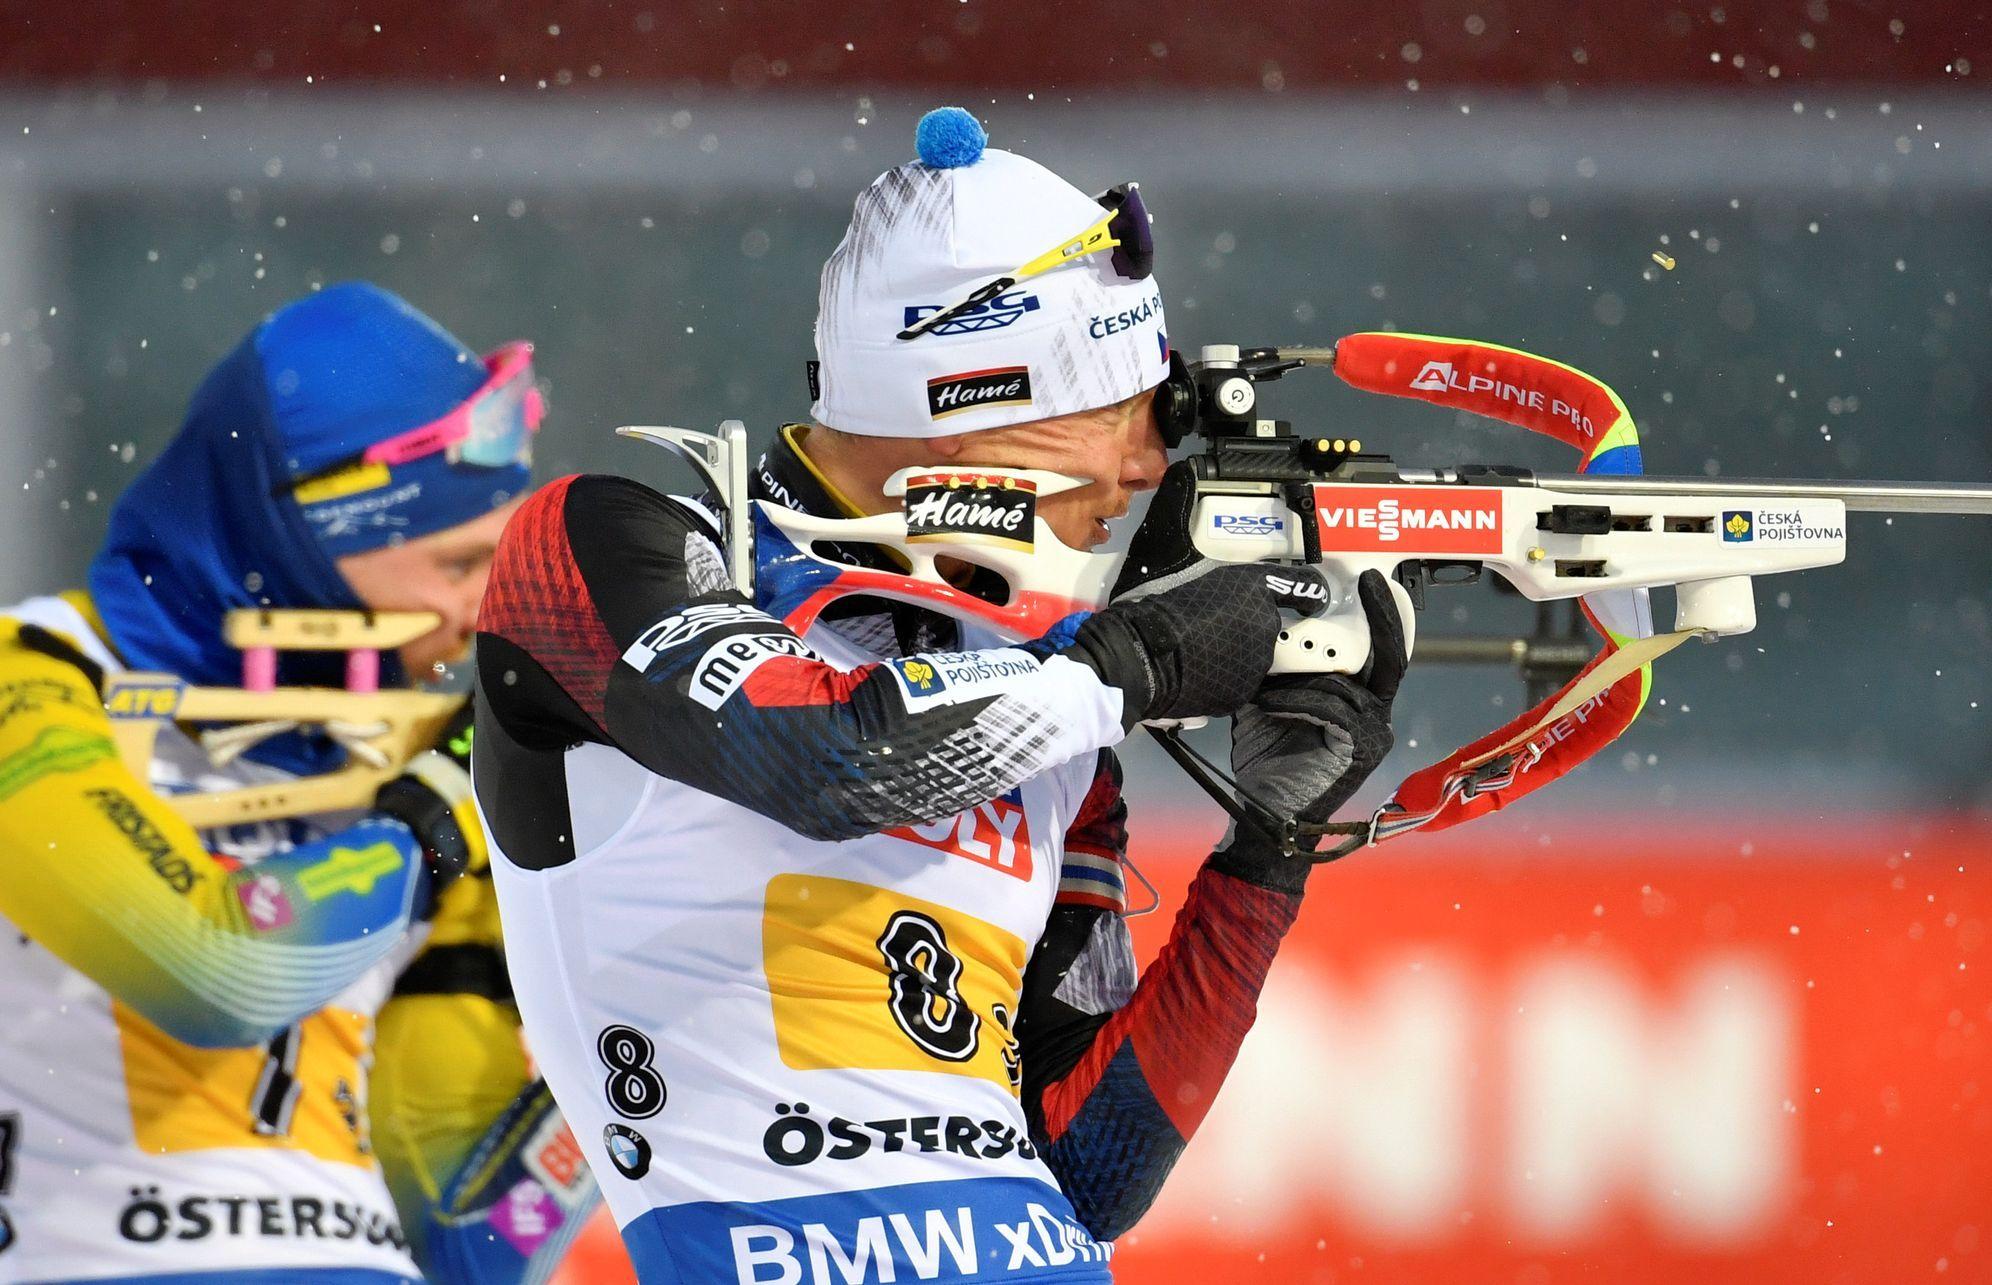 Předposledním závodem ve švédském Östersundu je štafeta mužů